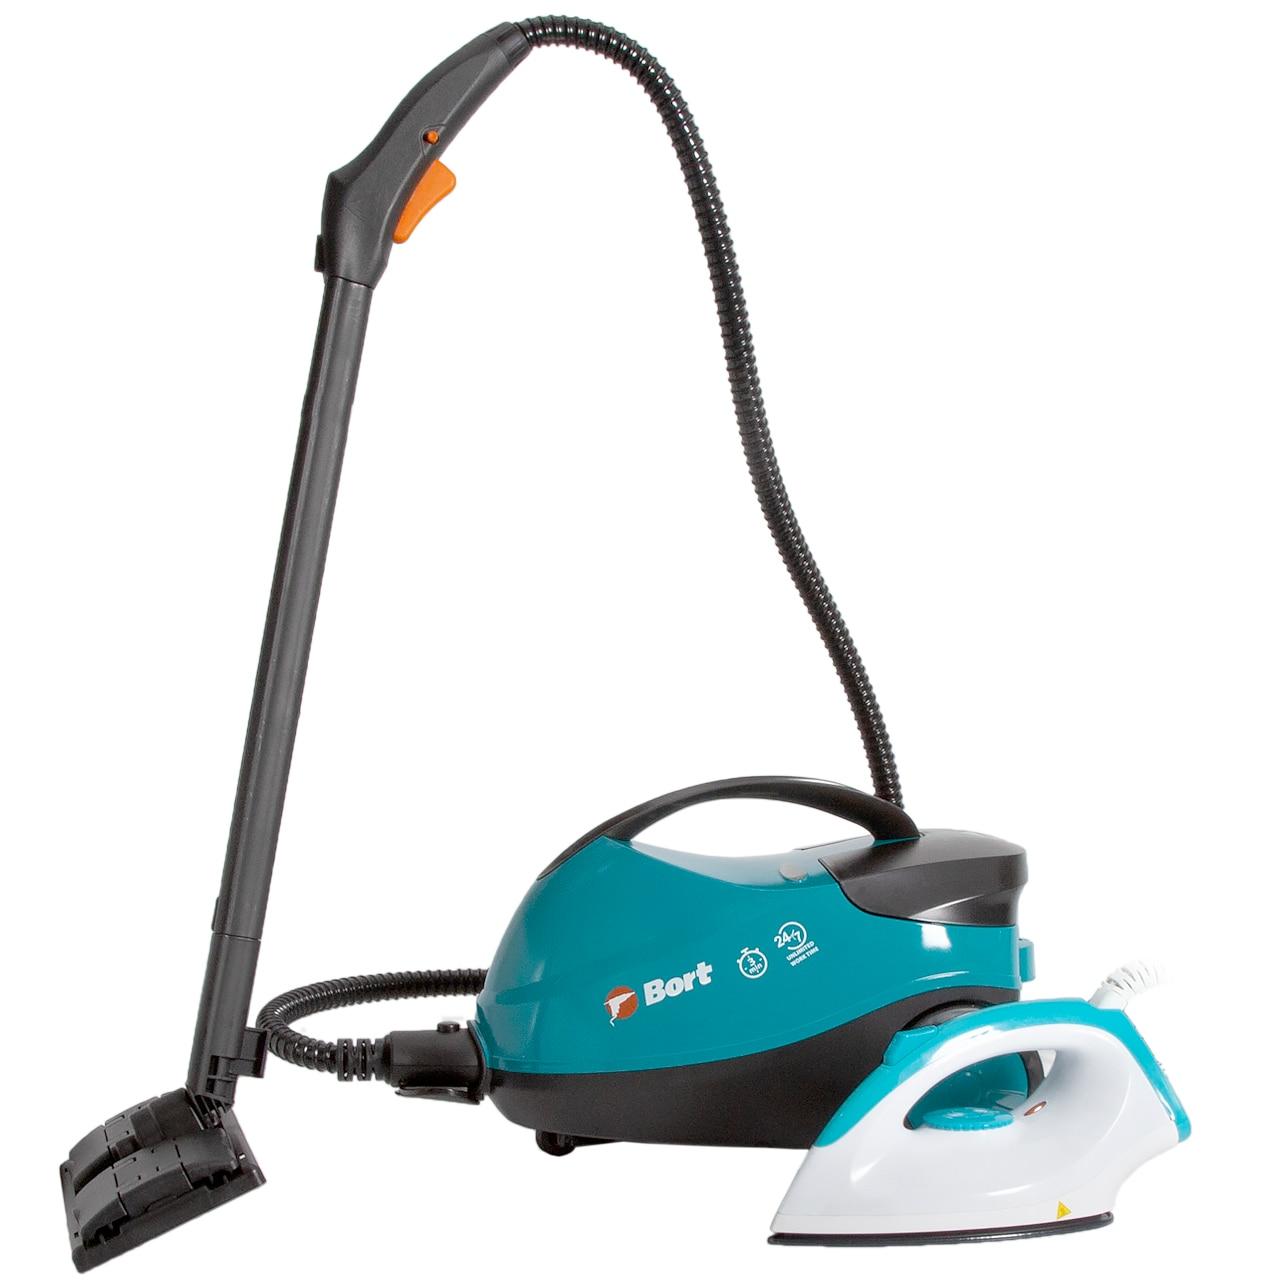 Пароочиститель Bort BDR 2500 RR Iron (Мощность 2300Вт, давление до 4 бар, утюг в комплекте)|Пароочистители|   | АлиЭкспресс